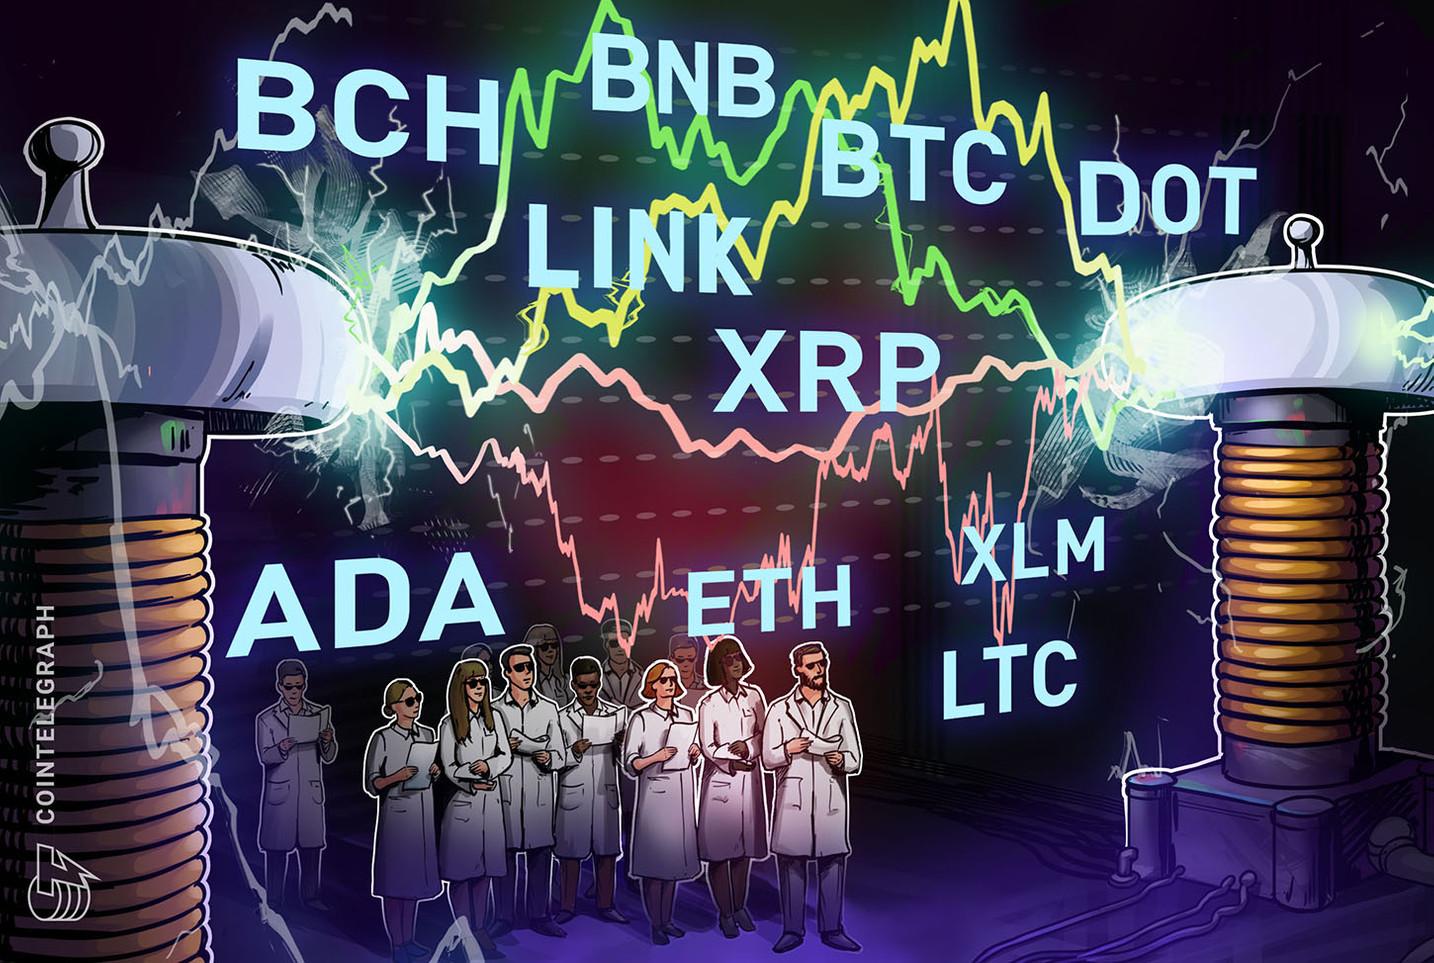 20日間EMAが重要な防衛ラインに 仮想通貨チャート分析:ビットコイン・イーサ・XRP(リップル)・ビットコインキャッシュ・ライトコイン